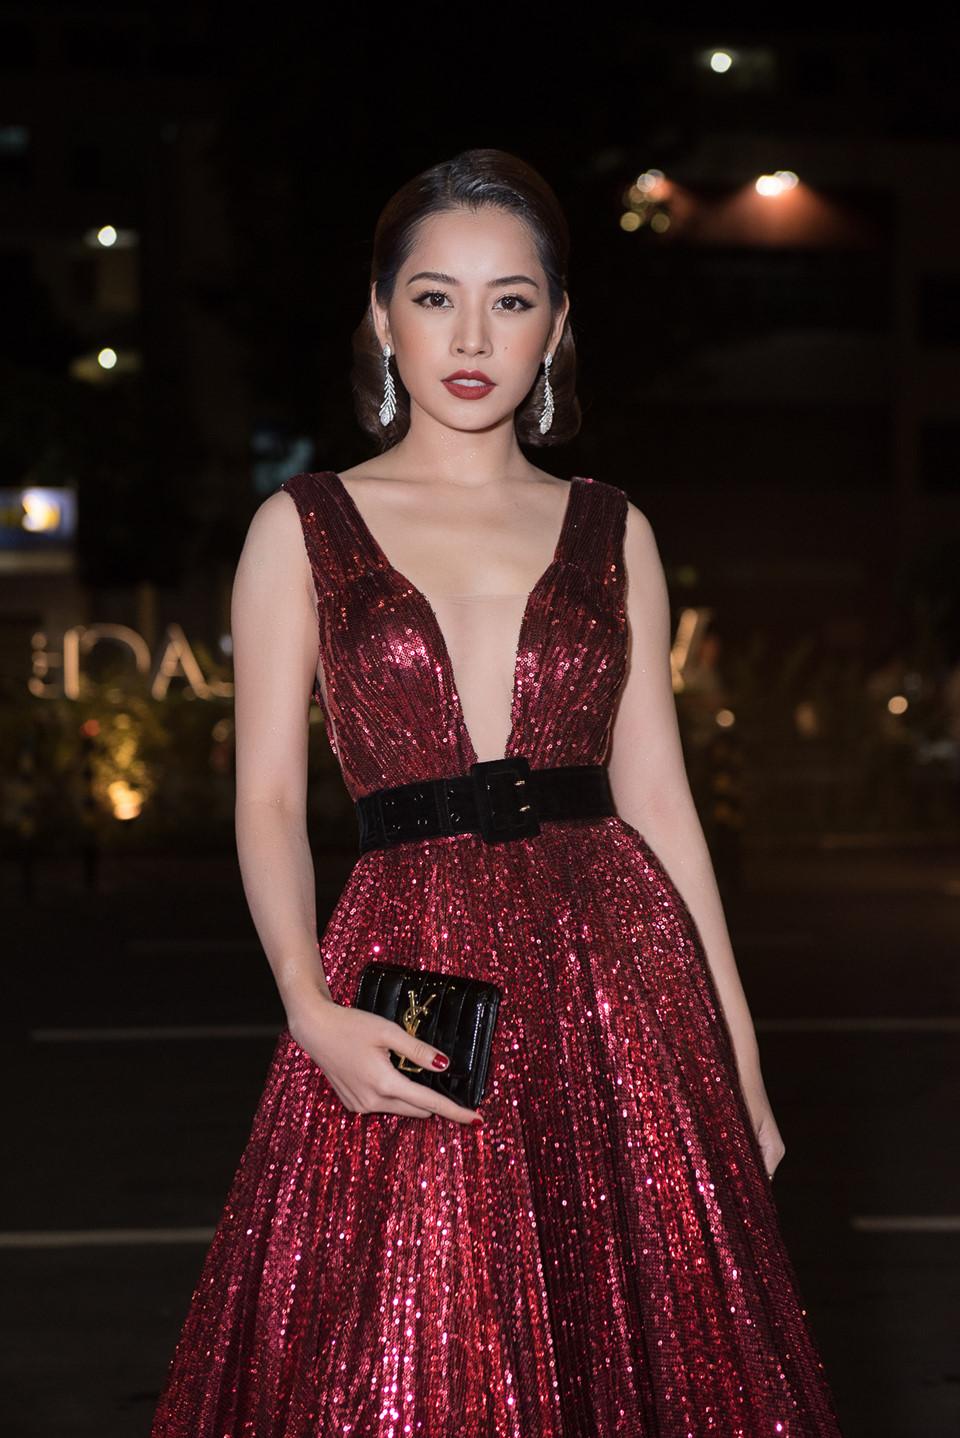 Quỳnh Anh diện đầm xẻ bạo sexy, đối lập 'đối thủ' Bảo Anh 'kín cổng cao tường' - Ảnh 4